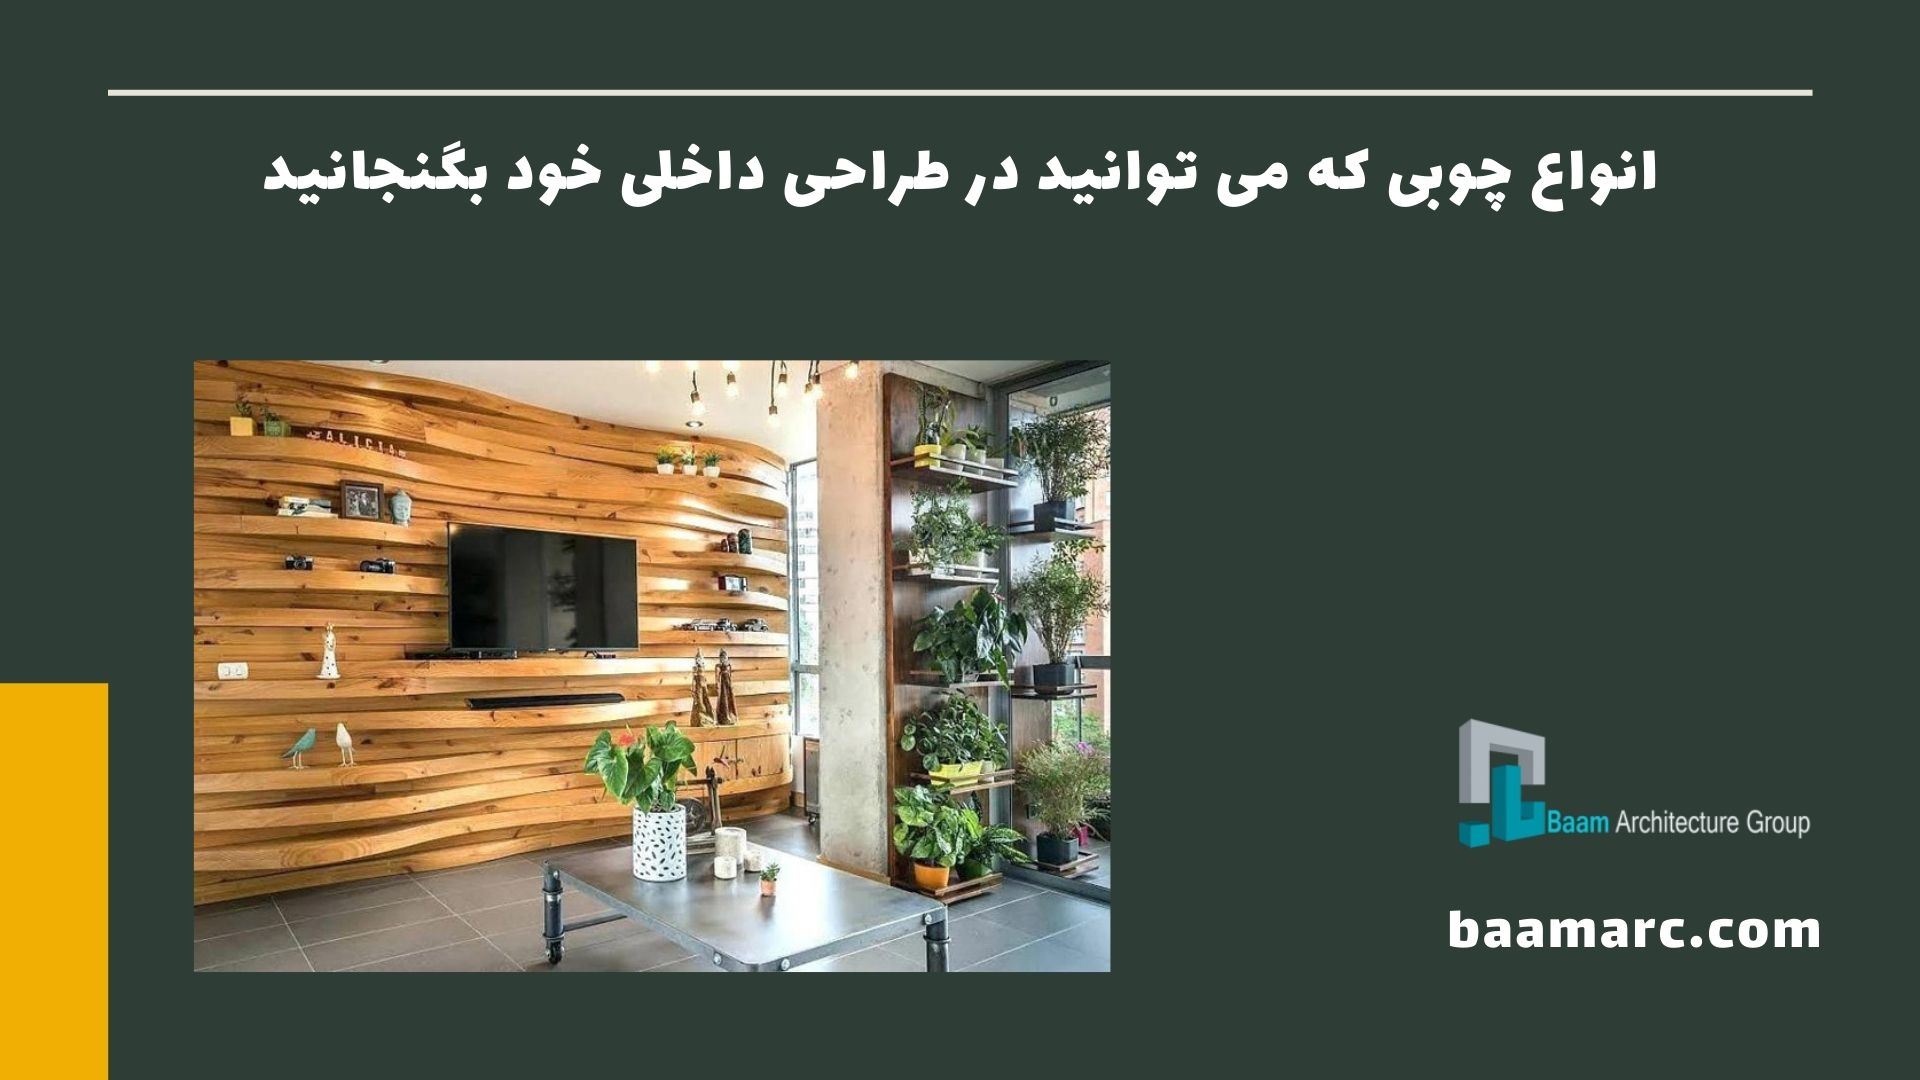 انواع چوبی که می توانید در طراحی داخلی خود بگنجانید